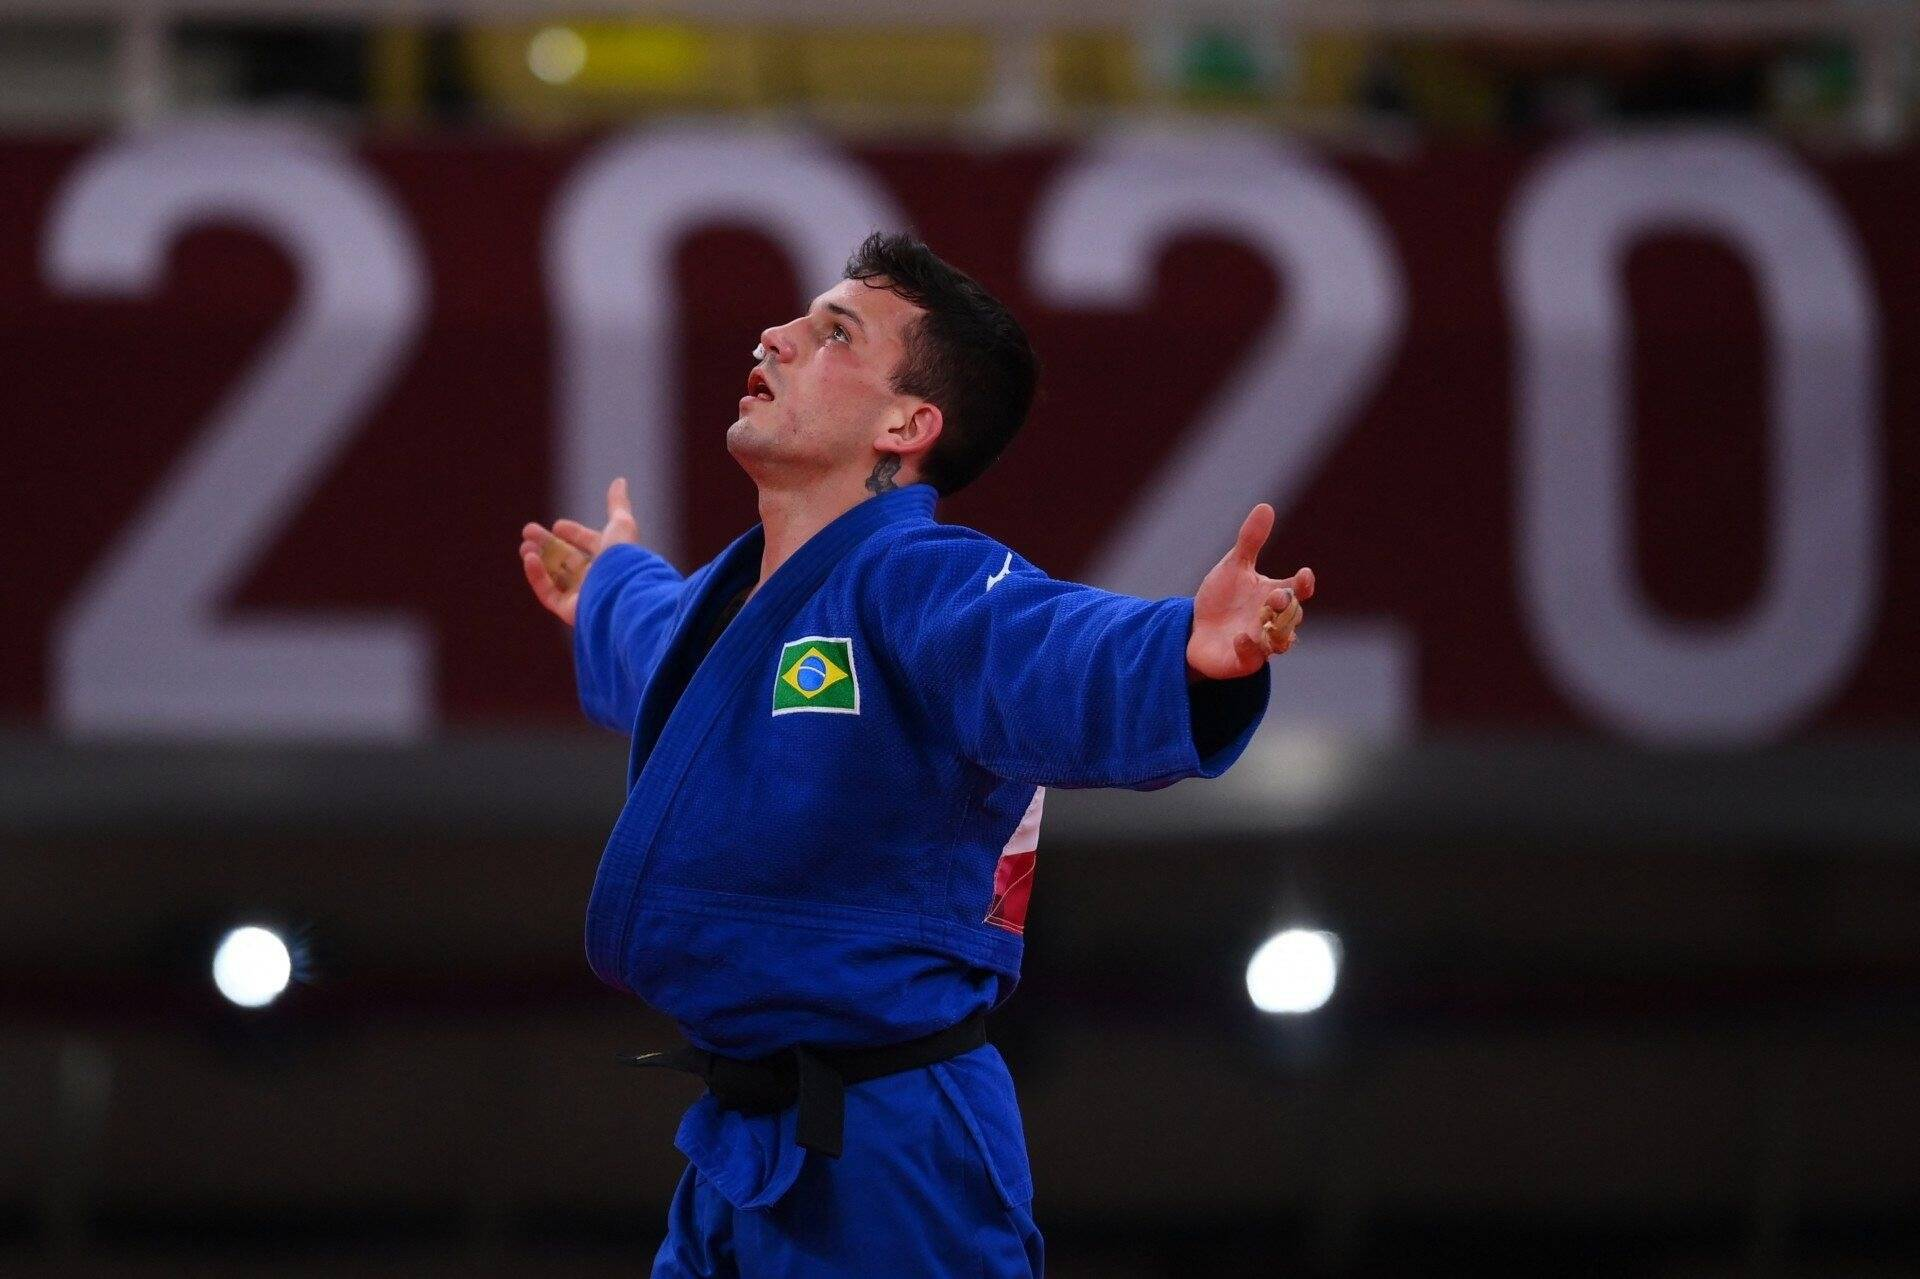 Medalhista de bronze, Daniel Cargnin revela que quase abandonou o judô. Foto: redacao@odia.com.br (Estadão Conteúdo)